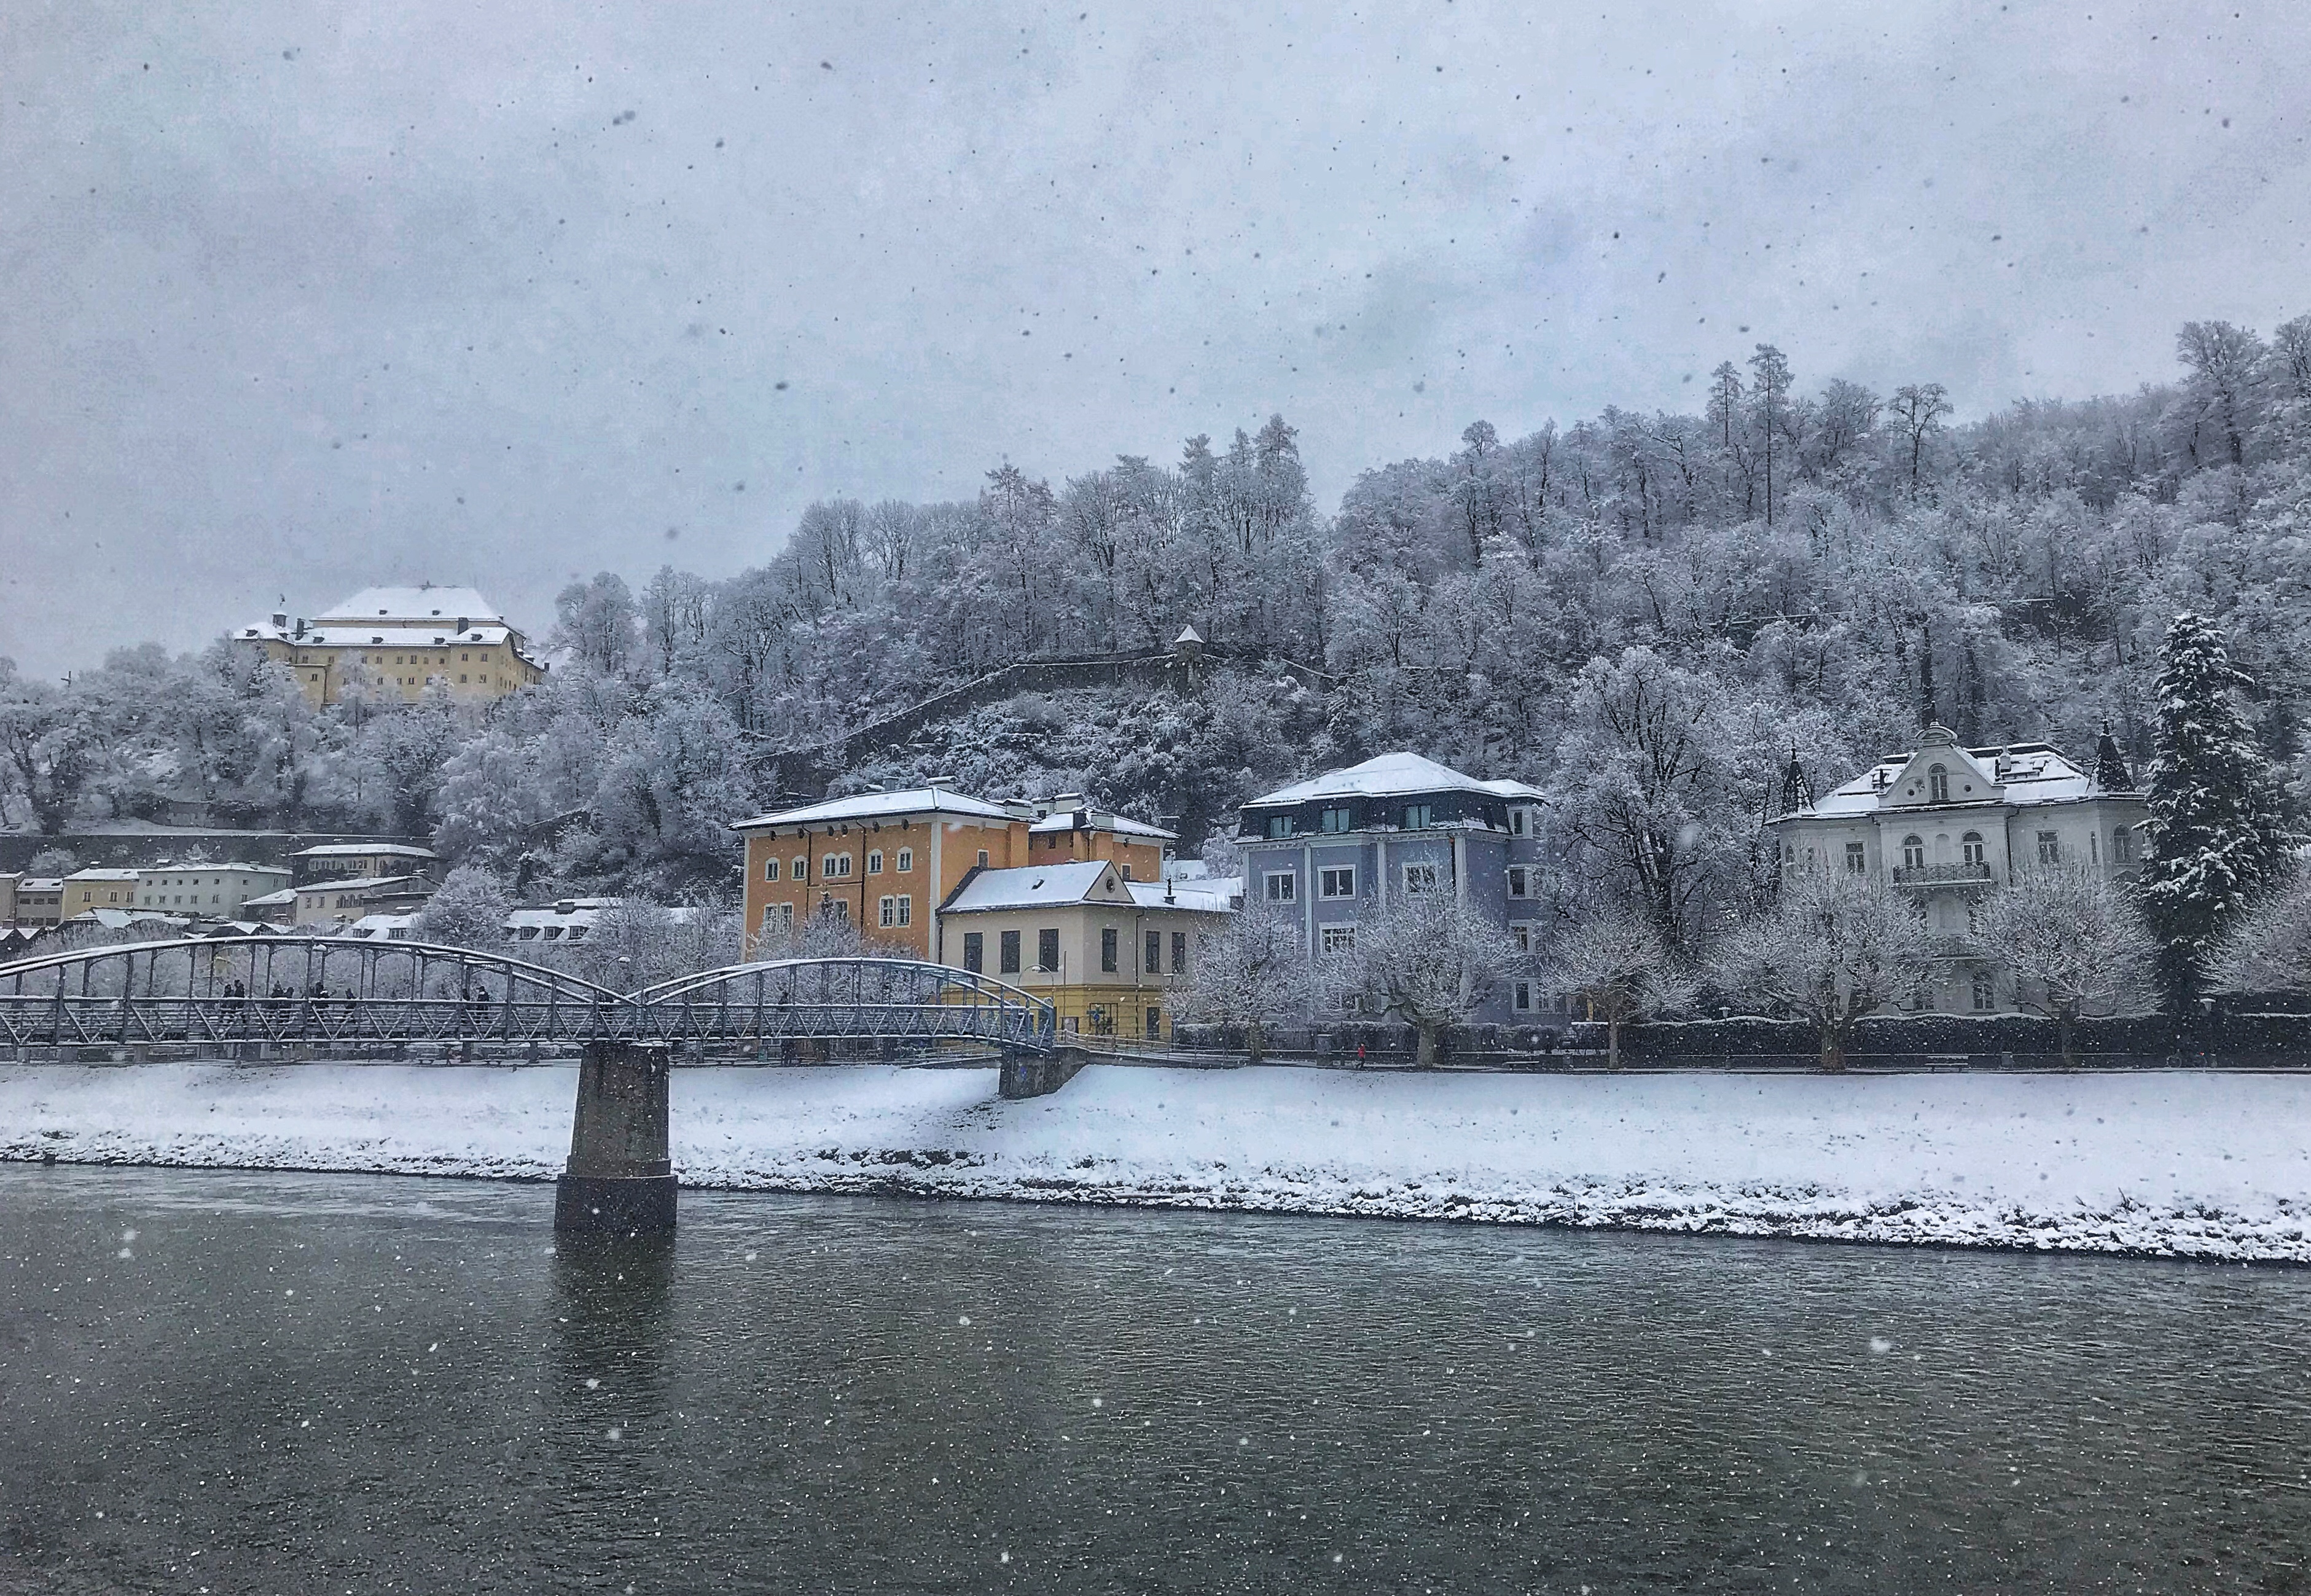 Salzburg, Austria in winter in the snow